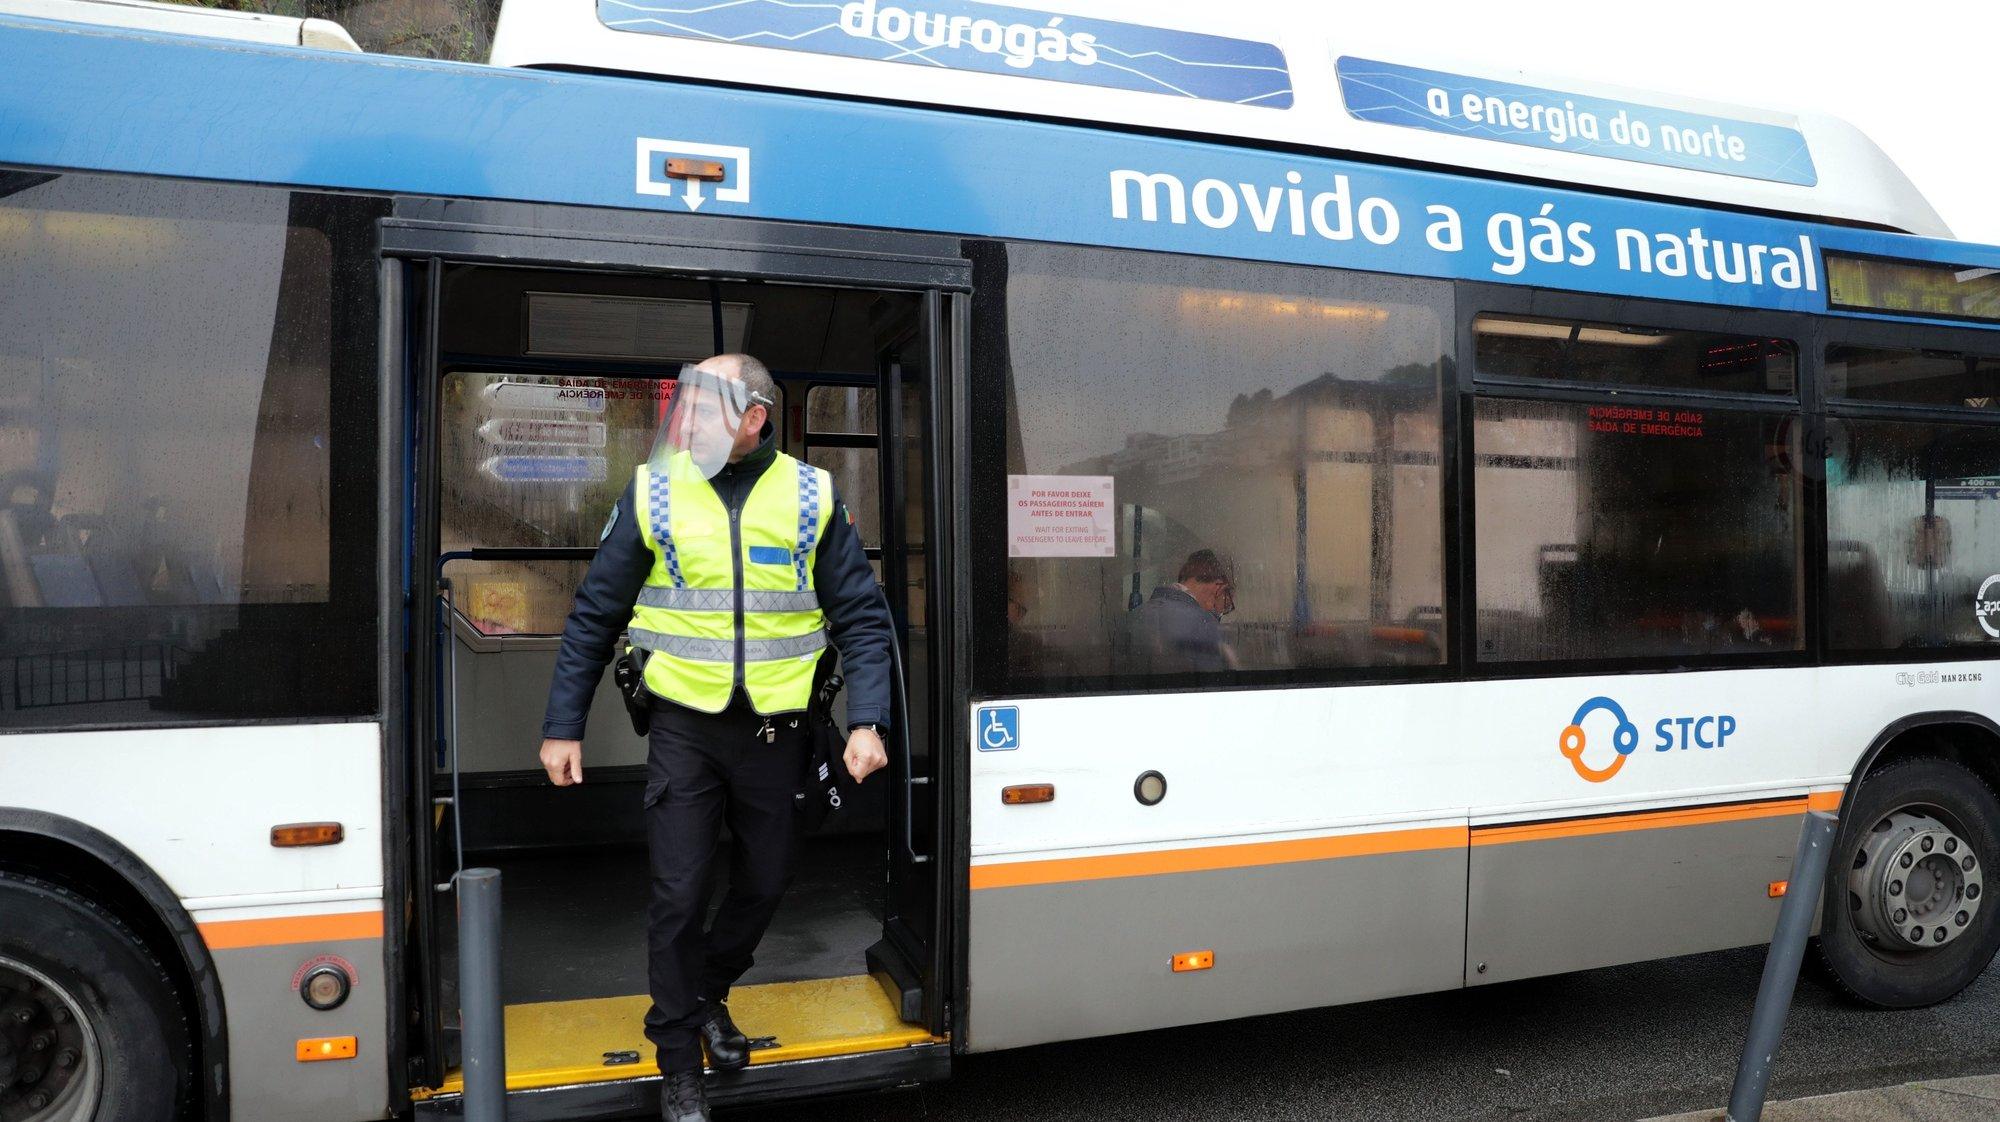 Agentes da PSP fiscaliza os passageiros de um autocarro da STCP junto à ponte D. Luis I no Porto para fiscalizar a mobilidade entre concelhos limítrofes para o cumprimento do dever geral de isolamento devido à pandemia Covid-19, 01 maio 2020. ESTELA SILVA/LUSA